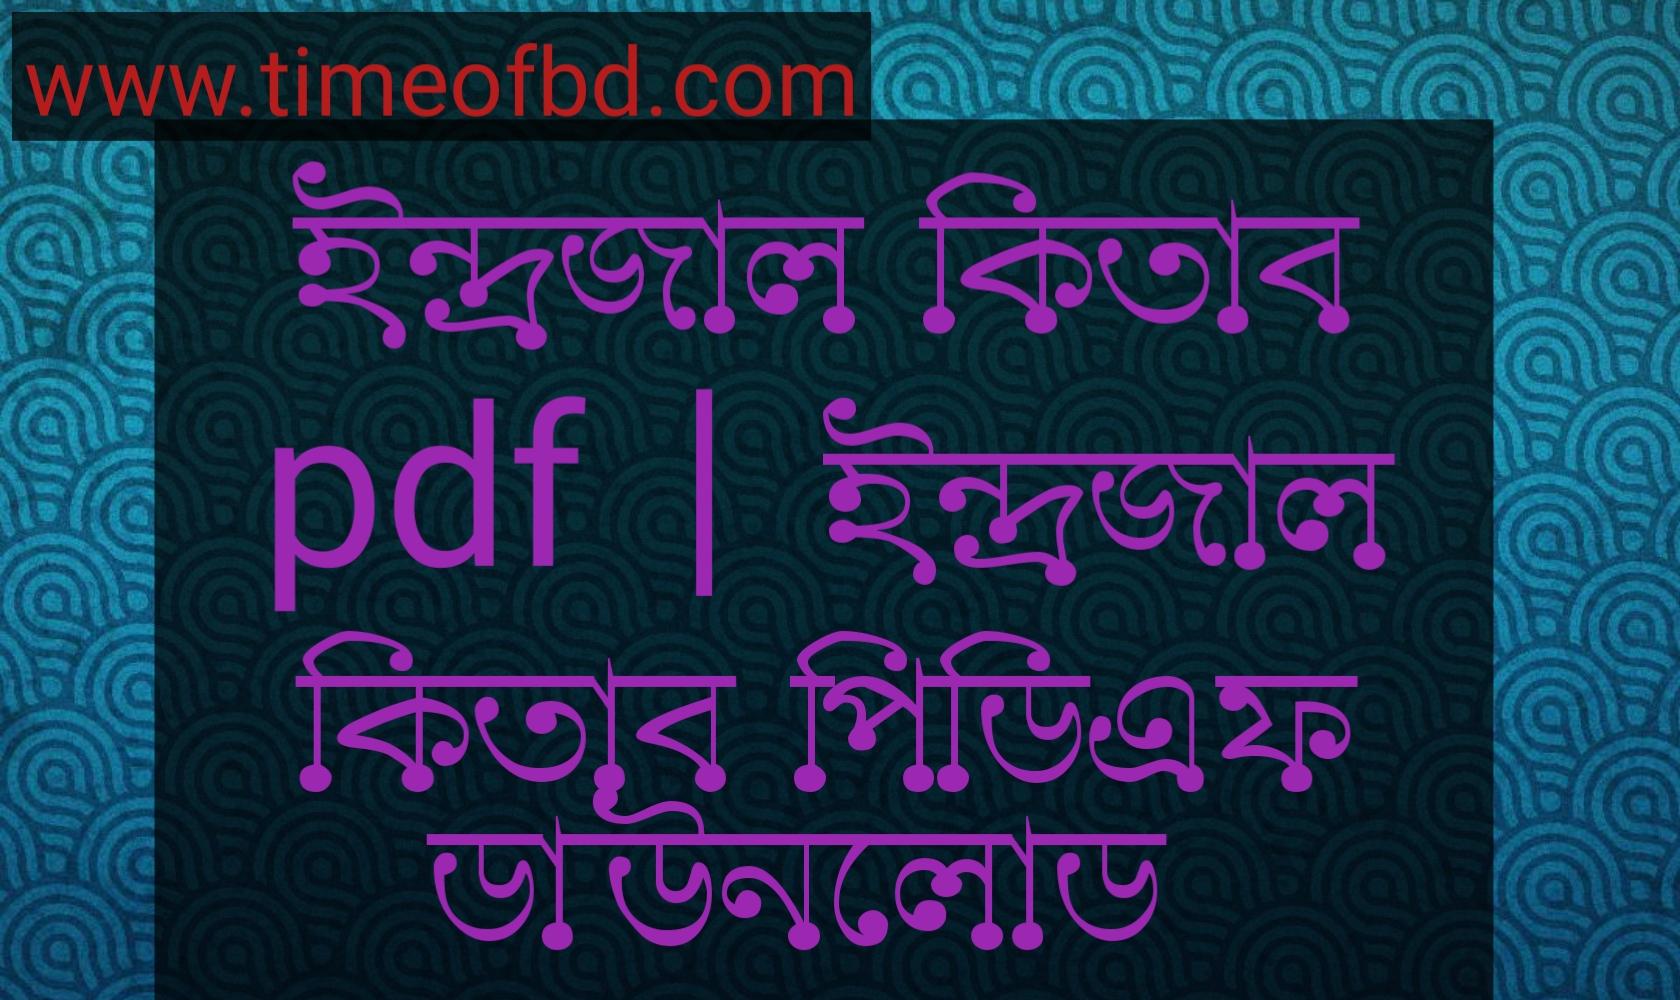 ইন্দ্রজাল কিতাব pdf, ইন্দ্রজাল কিতাব পিডিএফ ডাউনলোড, ইন্দ্রজাল কিতাব পিডিএফ, ইন্দ্রজাল কিতাব pdf free download,